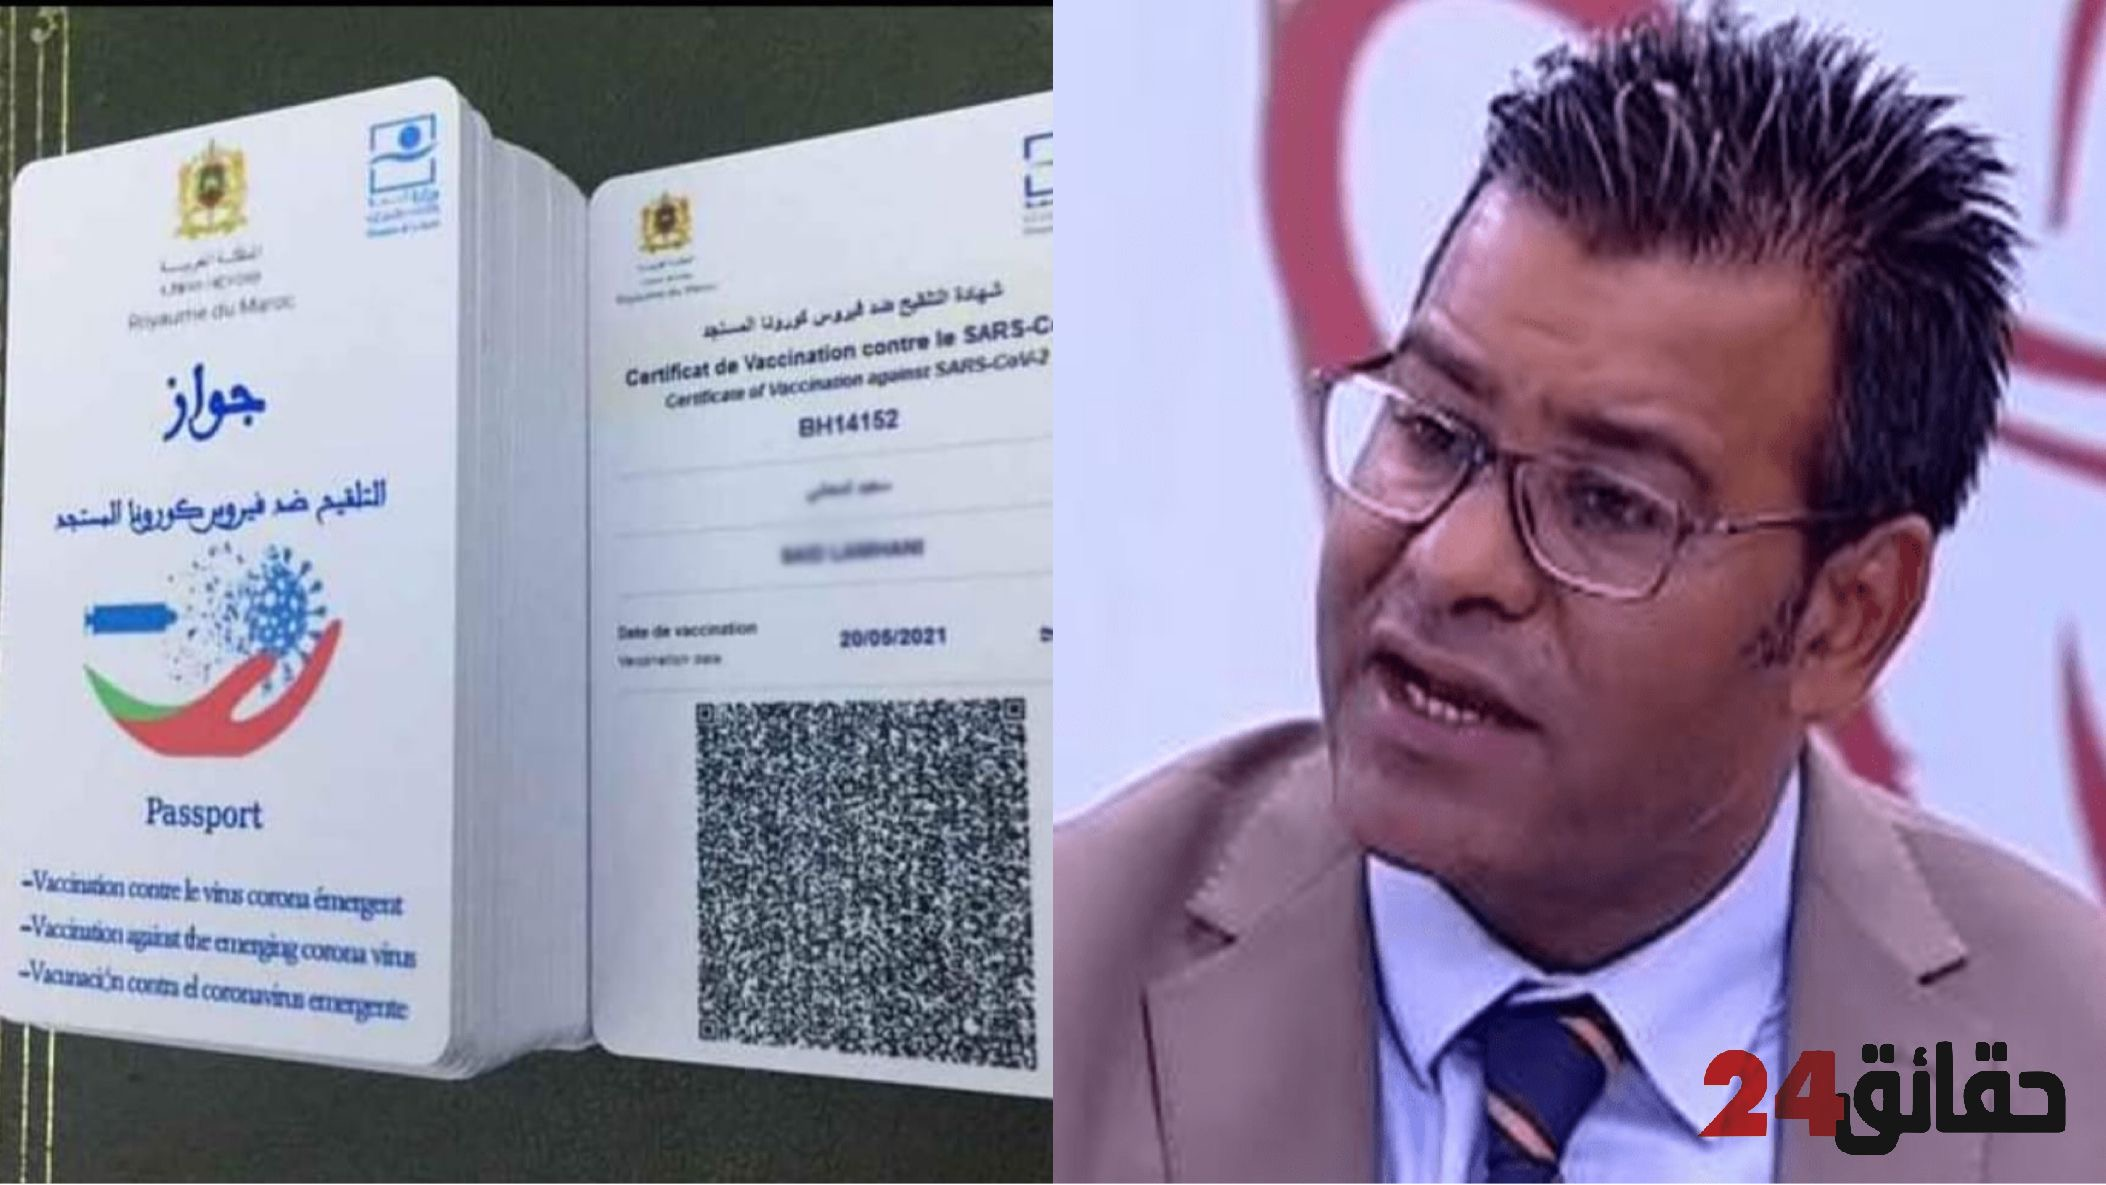 صورة الدكتور معتوق : الدستور أعطى الحق للمواطنين في اختيار تلقي التلقيح من عدمه و على الحكومة الاعتذار للشعب المغربي